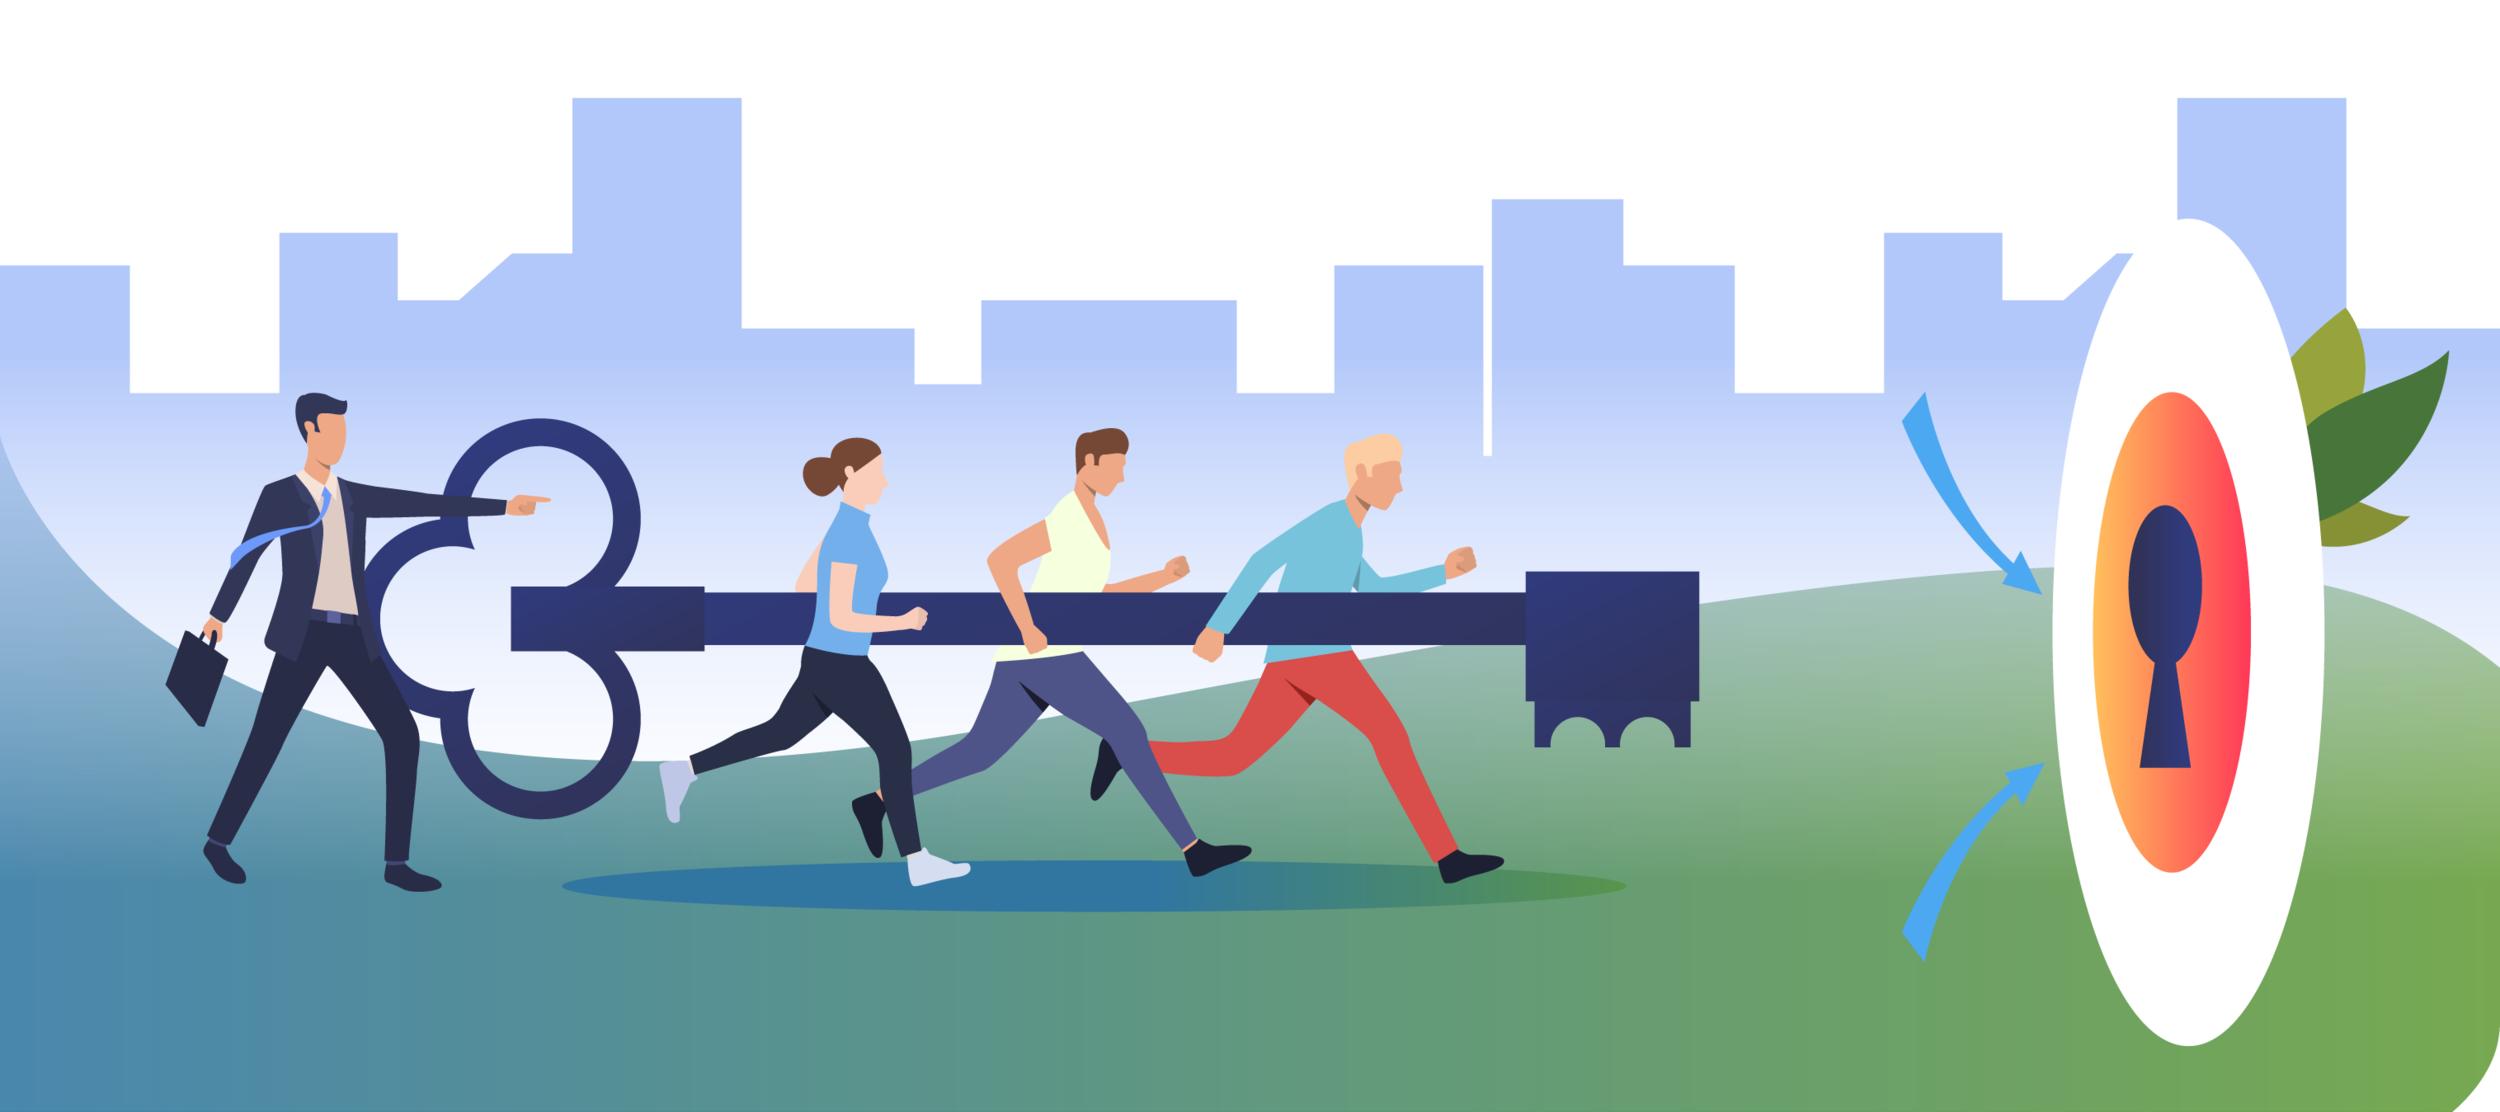 Gắn kết nhân viên là gì và tại sao nó lại giúp doanh nghiệp cải thiện lợi  nhuận? - BravoHR